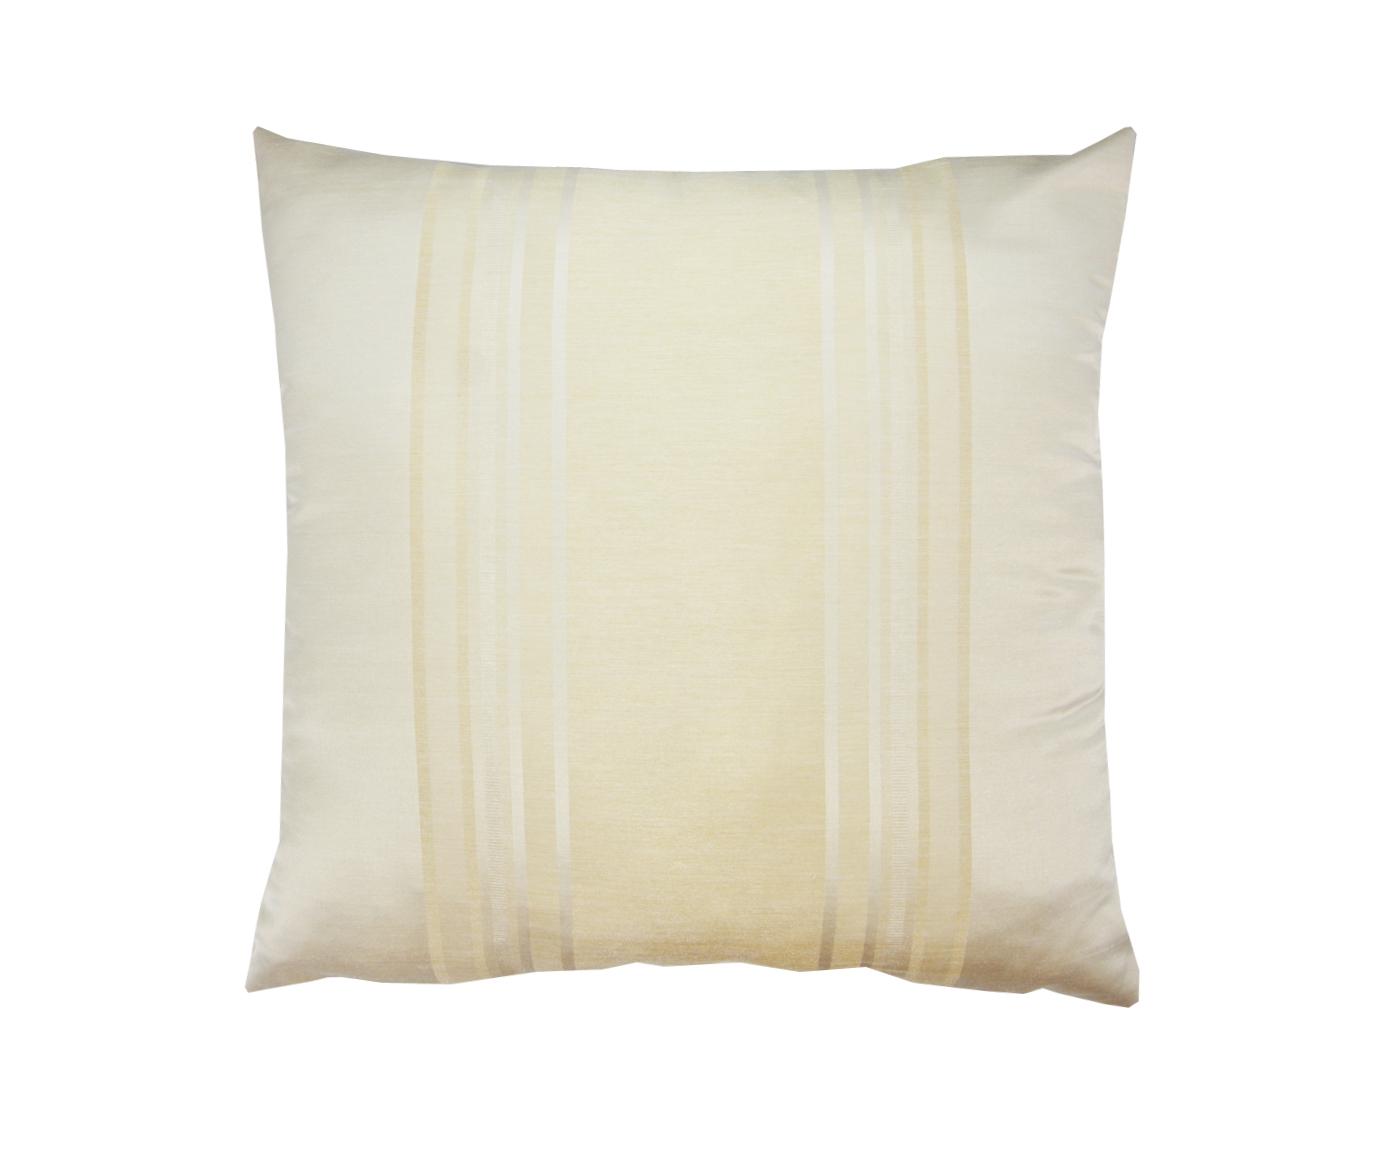 Подушка Сливочный-перламутрКвадратные подушки<br>Декоративная подушка, со съемным чехлом на молнии. Подушка с наполнителем халофайбер.<br><br>Material: Вискоза<br>Width см: 45<br>Depth см: 15<br>Height см: 45